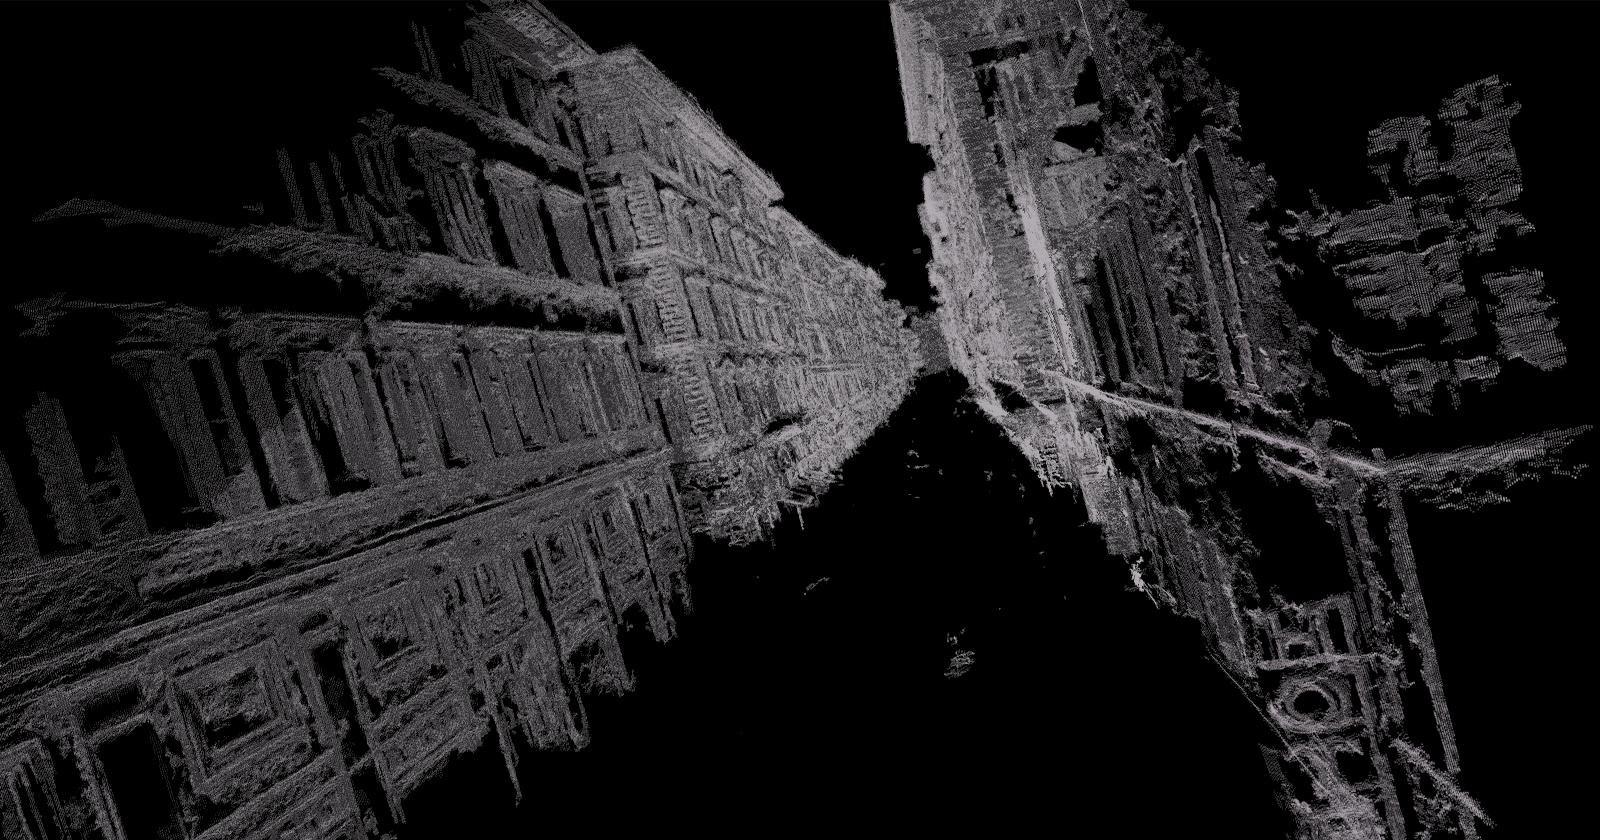 Виртуальное искусство Марникса де Нийса